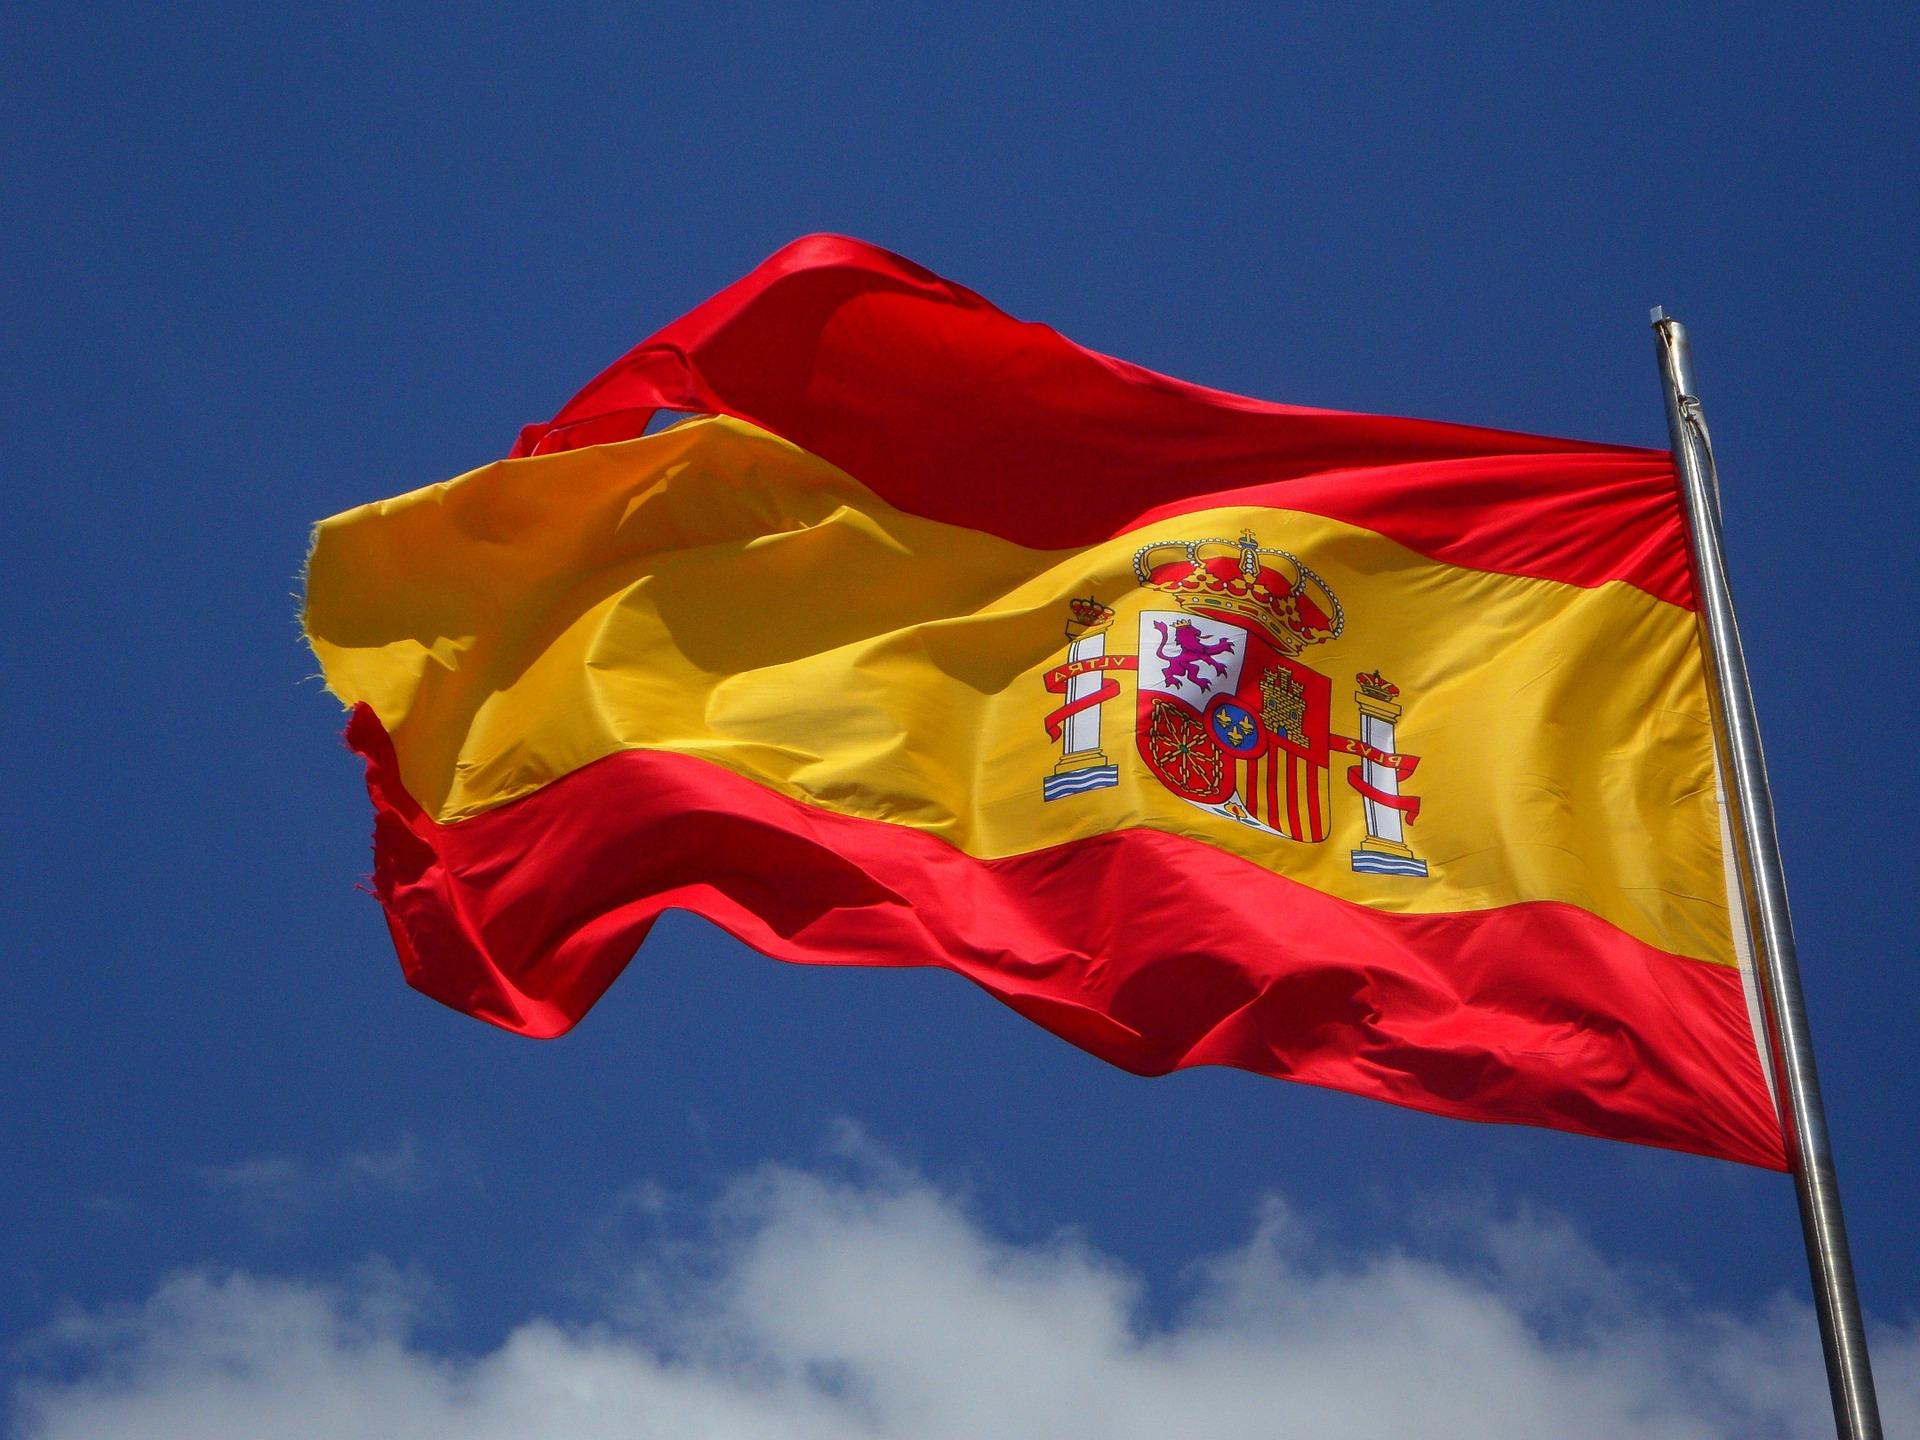 Curs online de spaniola